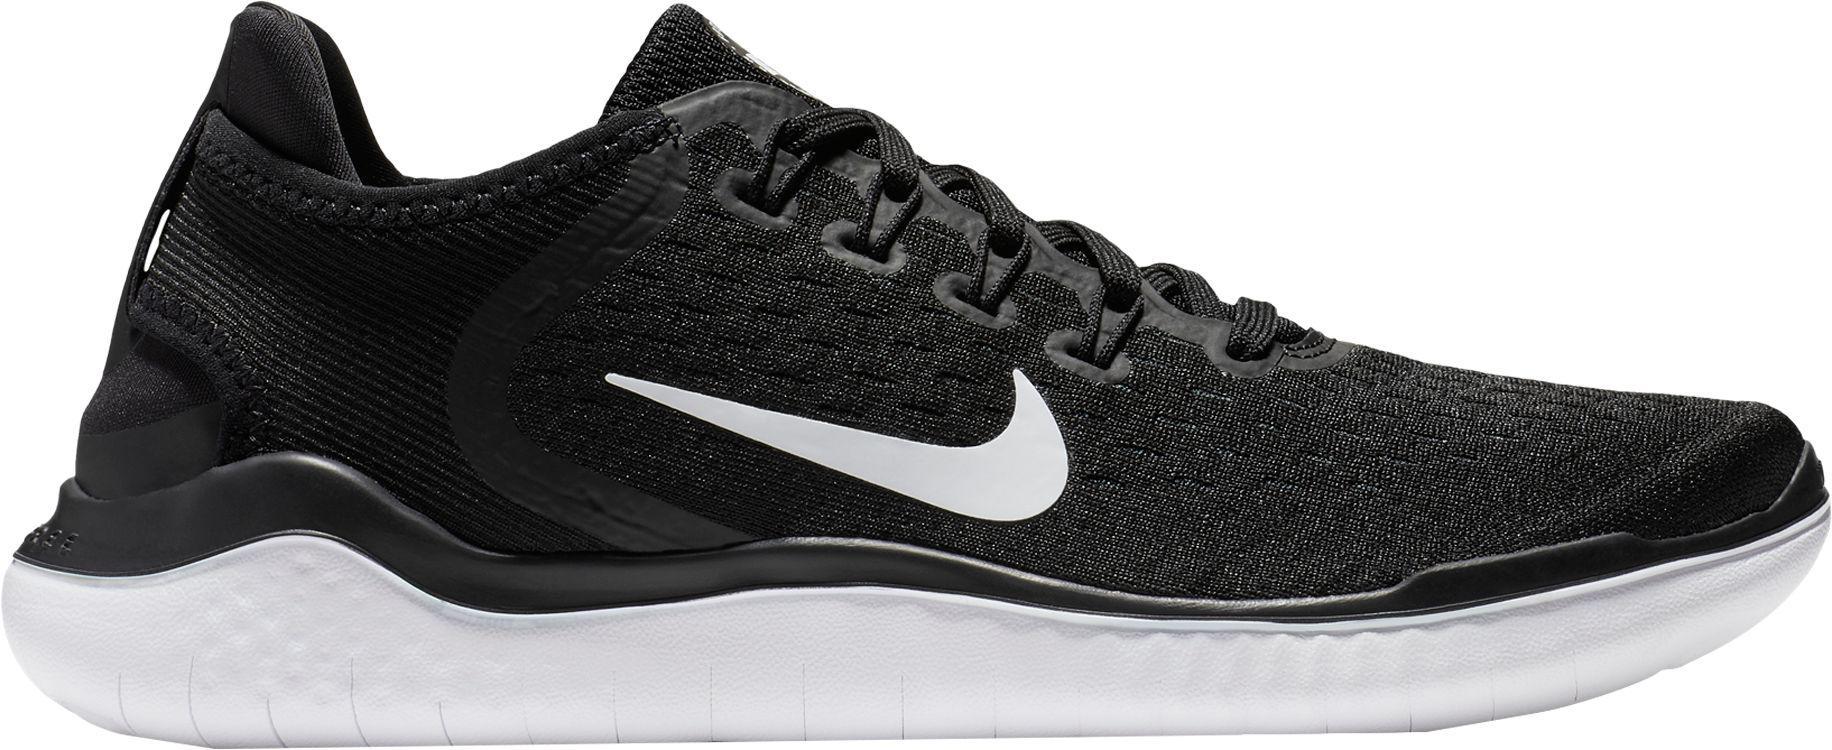 cc0ce2dd4fe16 ... spain nike black free rn 2018 running shoes lyst fc776 71f70